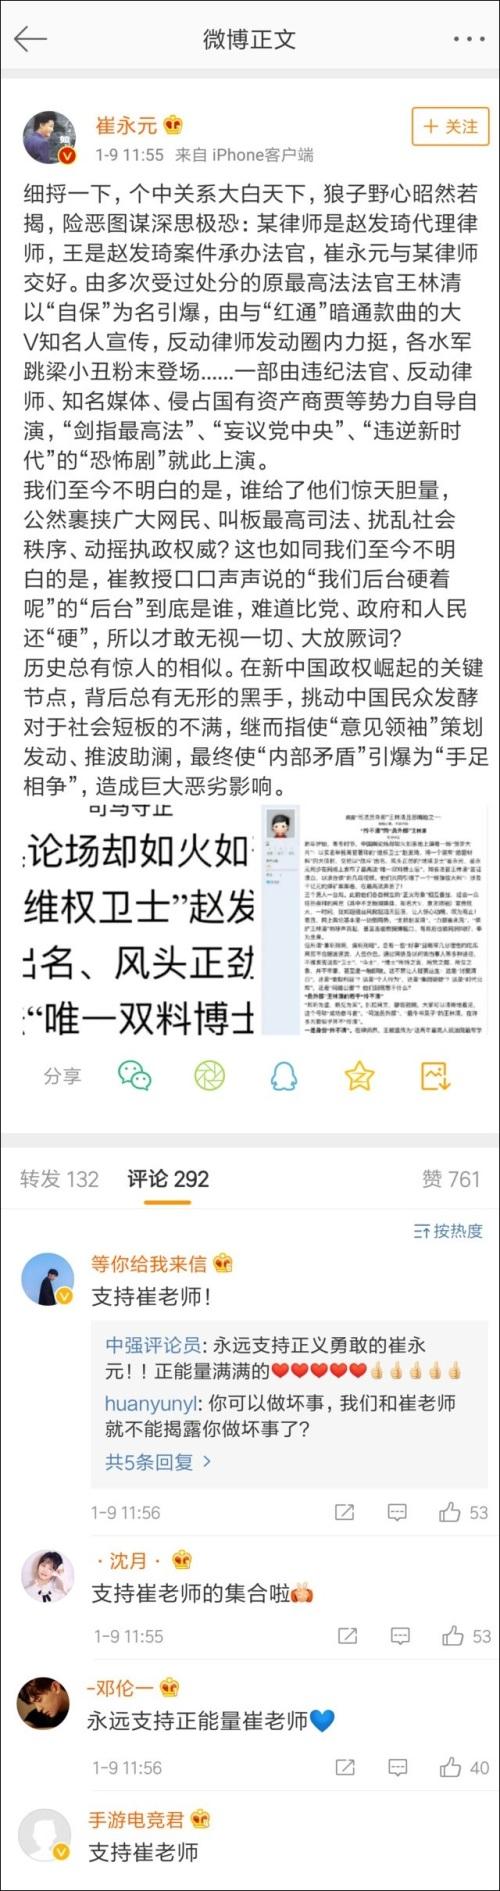 崔永元微博翻车 疑发错微博自己骂自己